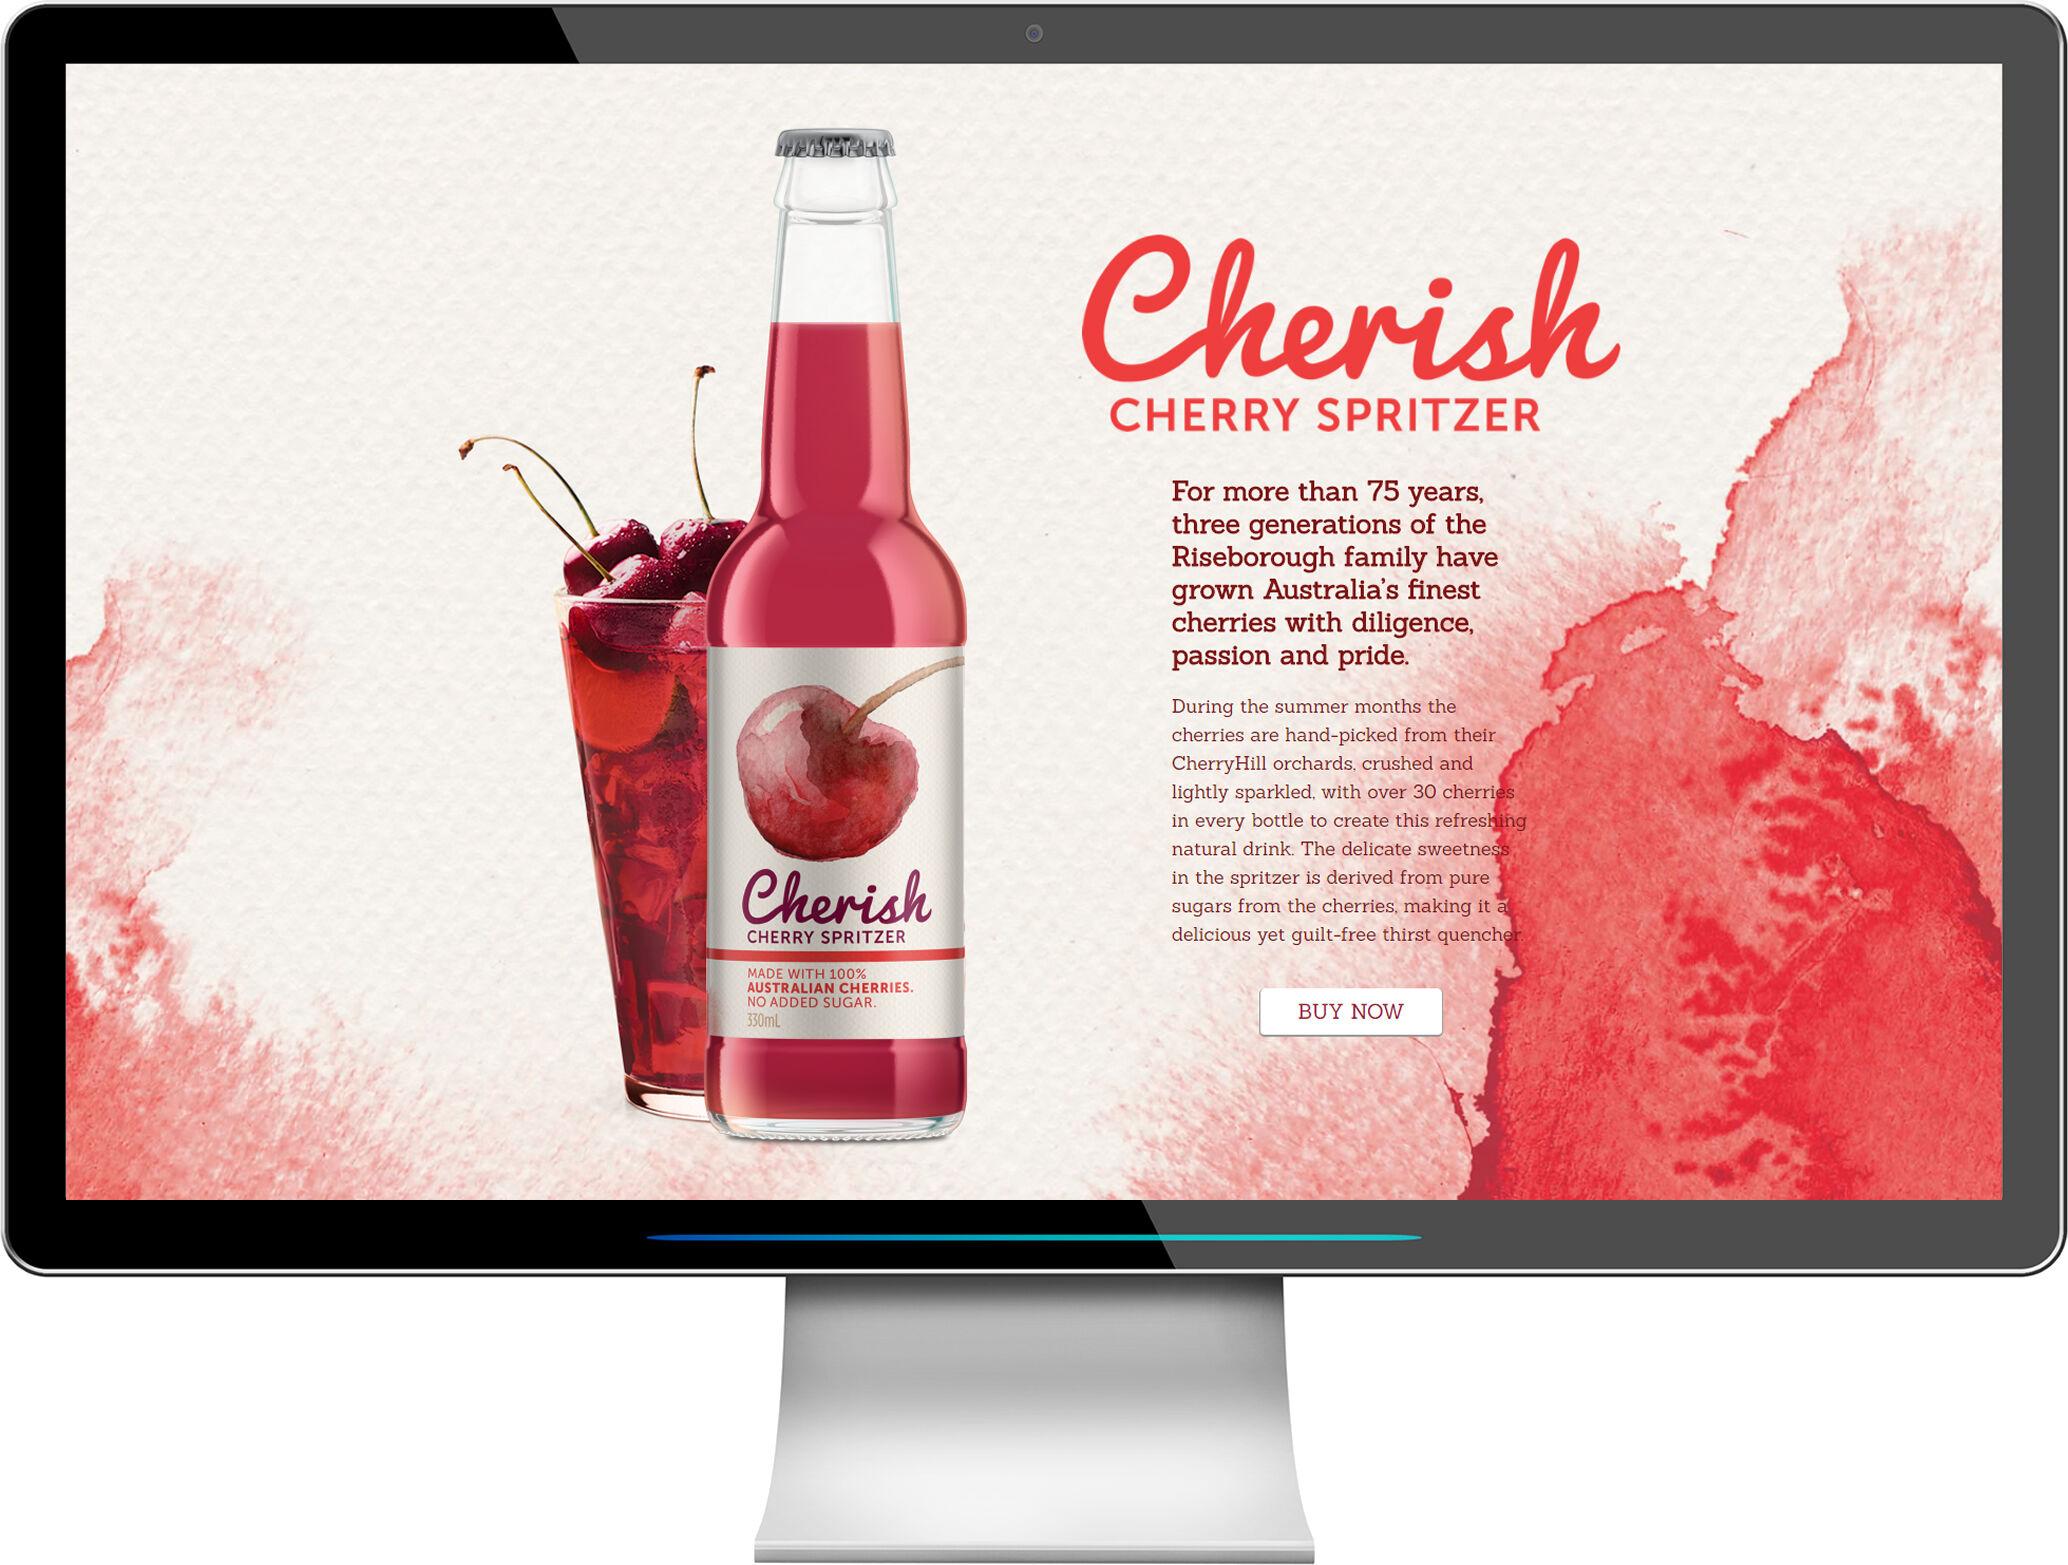 Cherish Spritzer, refreshing cherry drink for summer